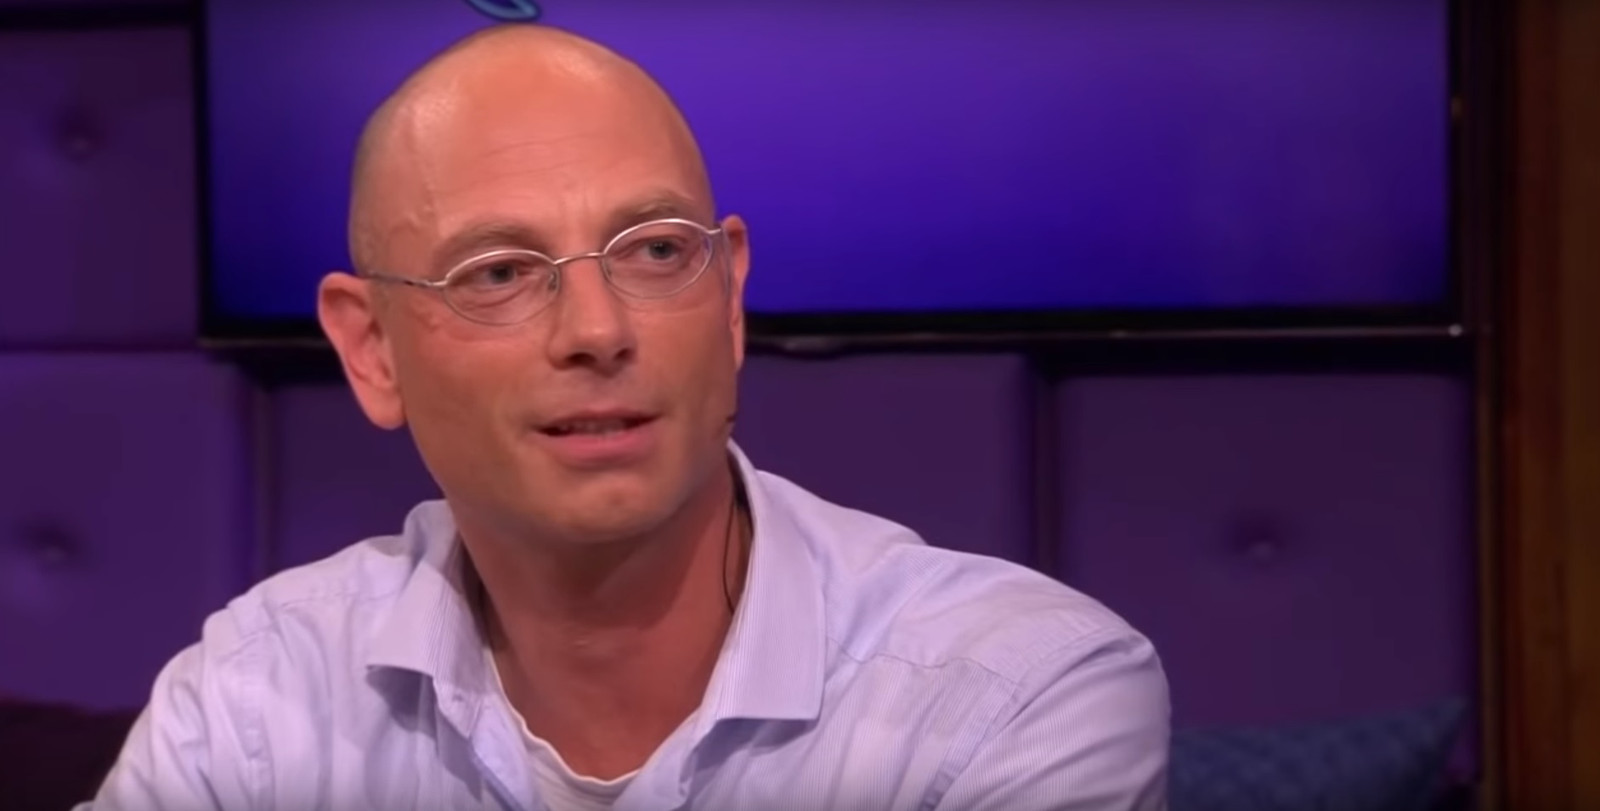 Viktor Staudt.